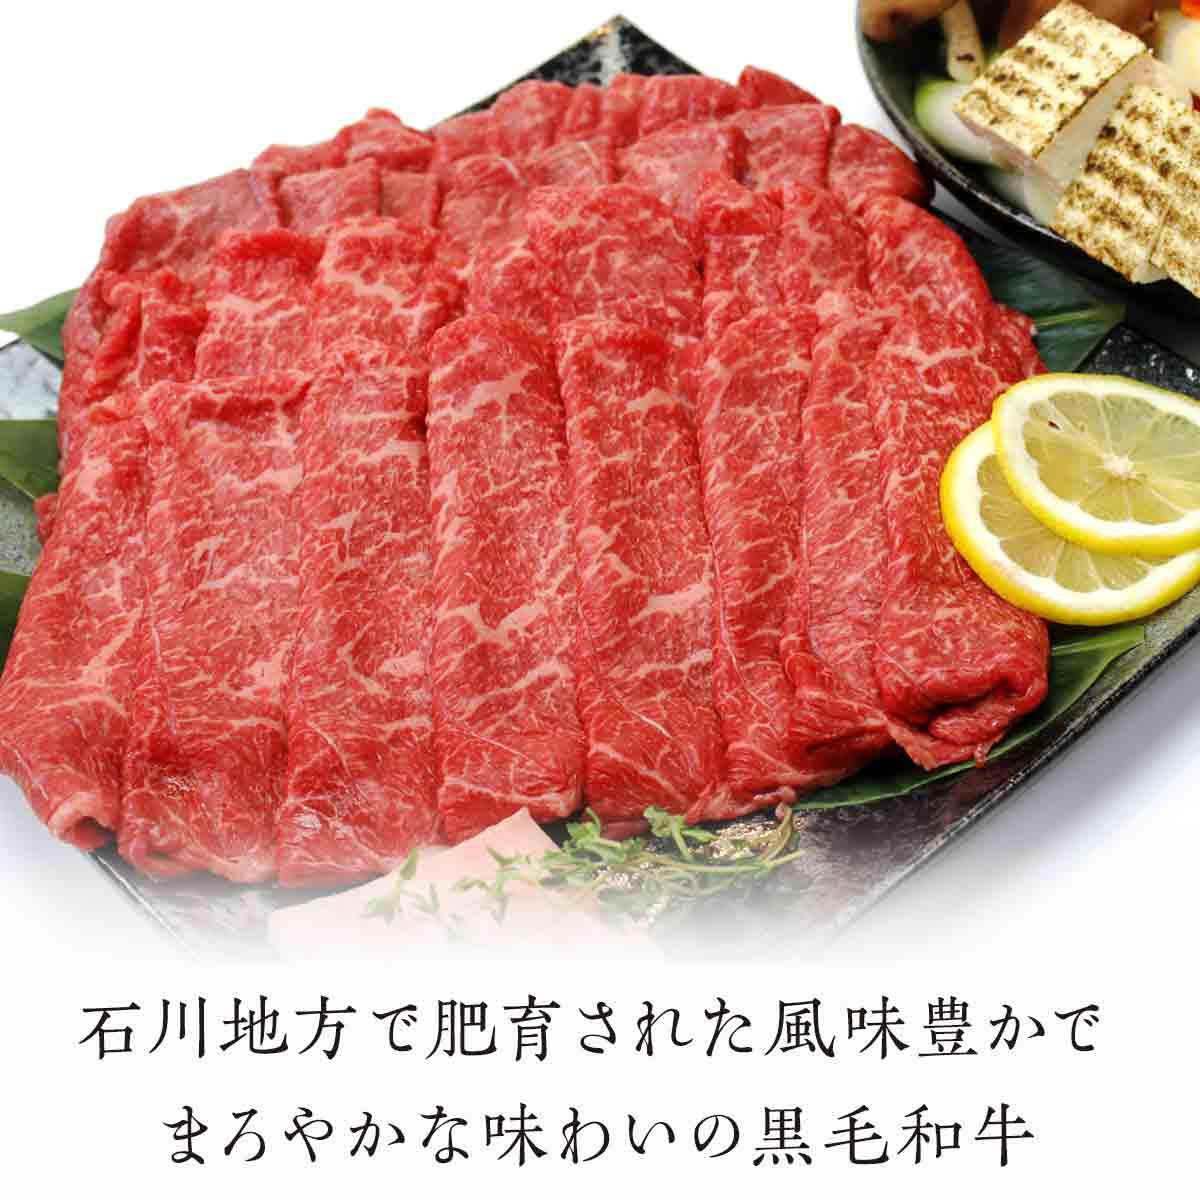 「いしかわ牛」または「福島牛」 モモ肉すき焼き用 400g×1